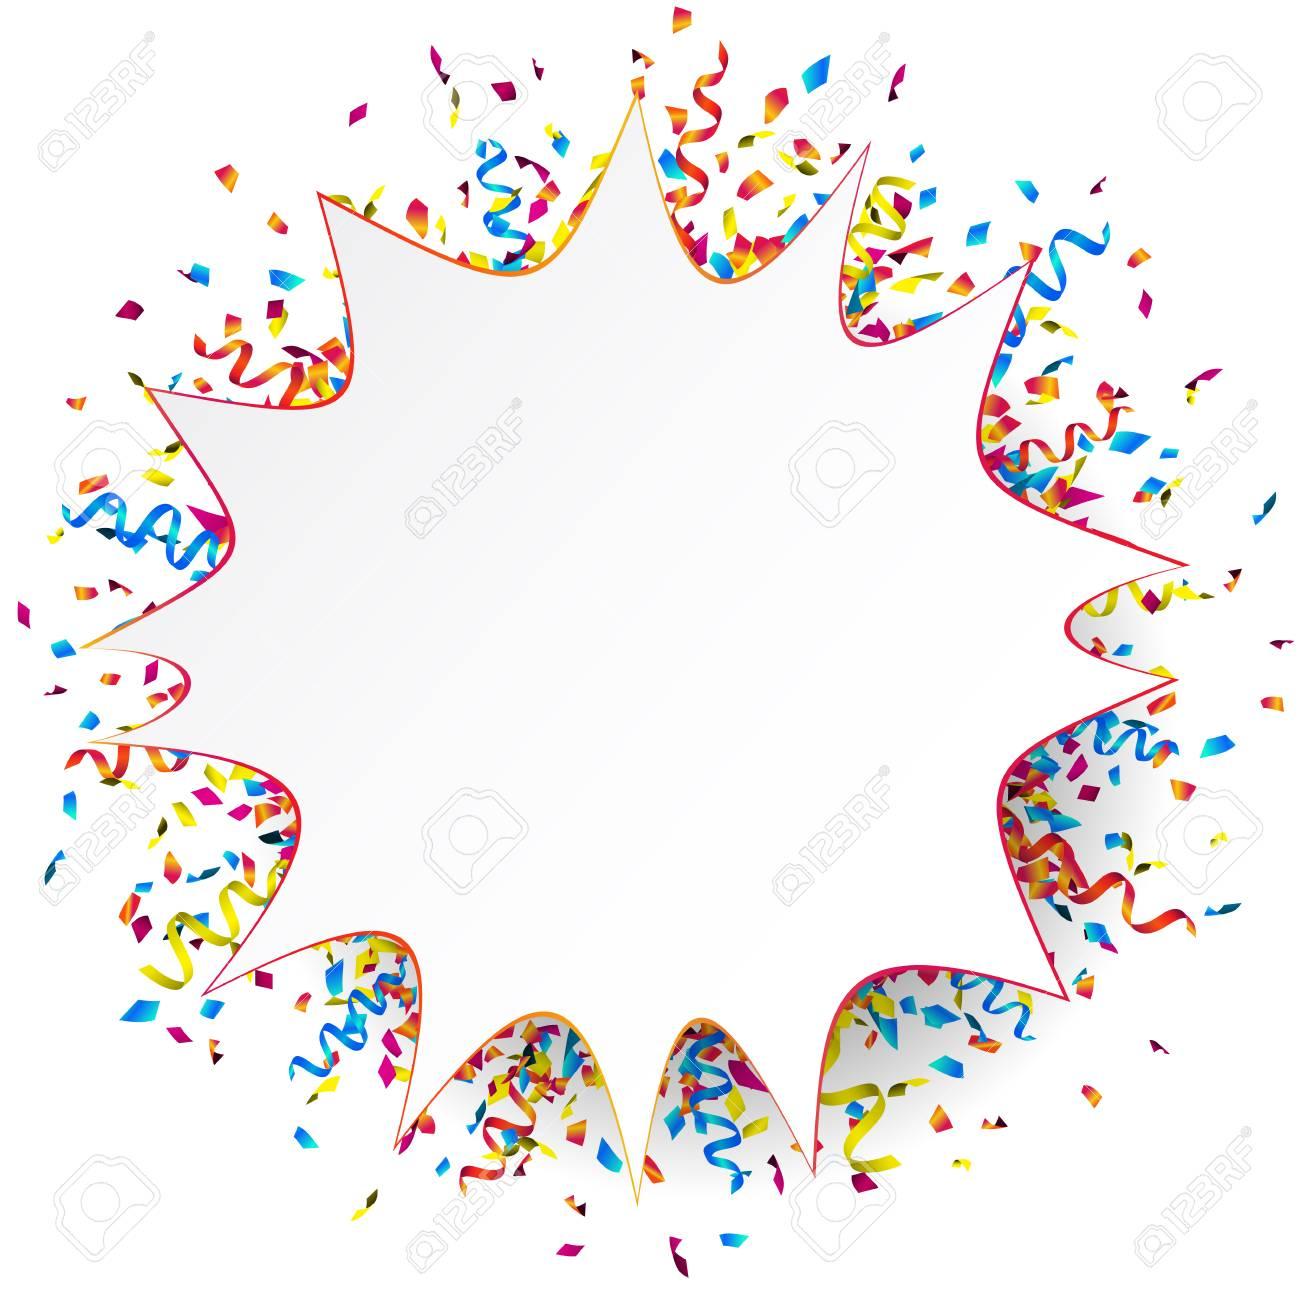 white funny paper banner with colorful ribbons and confetti rh 123rf com confetti vector free download confetti vectoriel gratuit